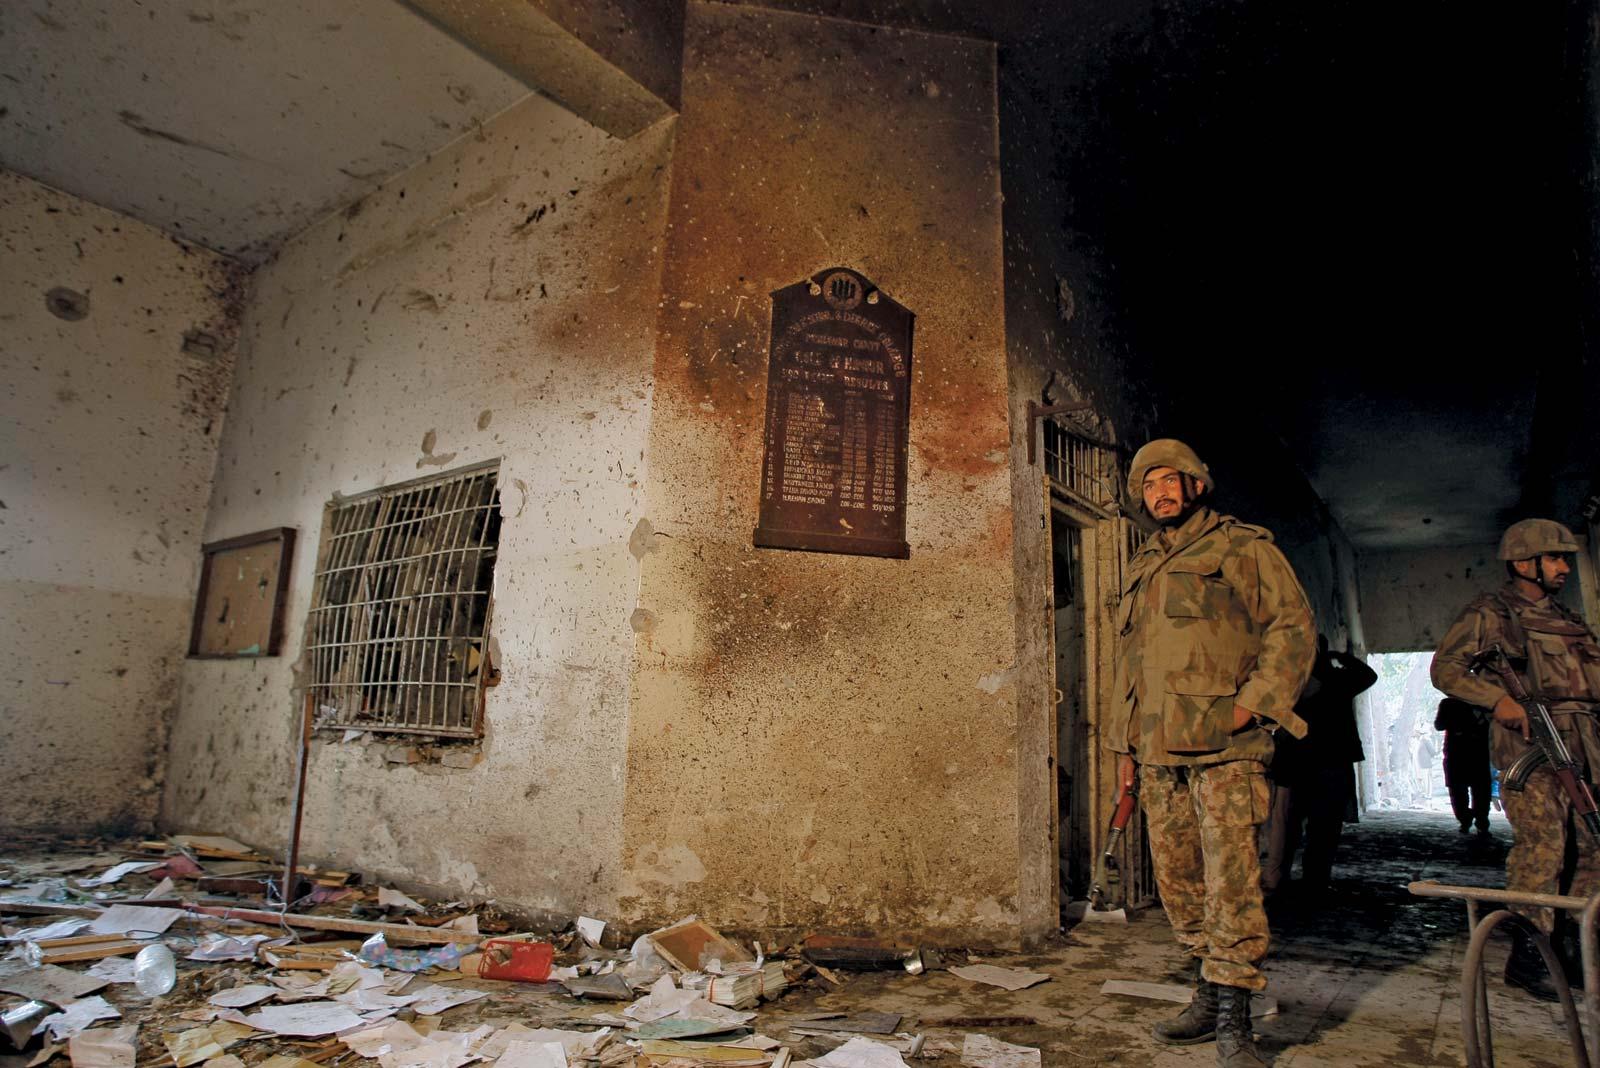 16 دسمبر 2014 کو آرمی پبلک اسکول پشاور پر دہشت گردوں نے حملہ کیا